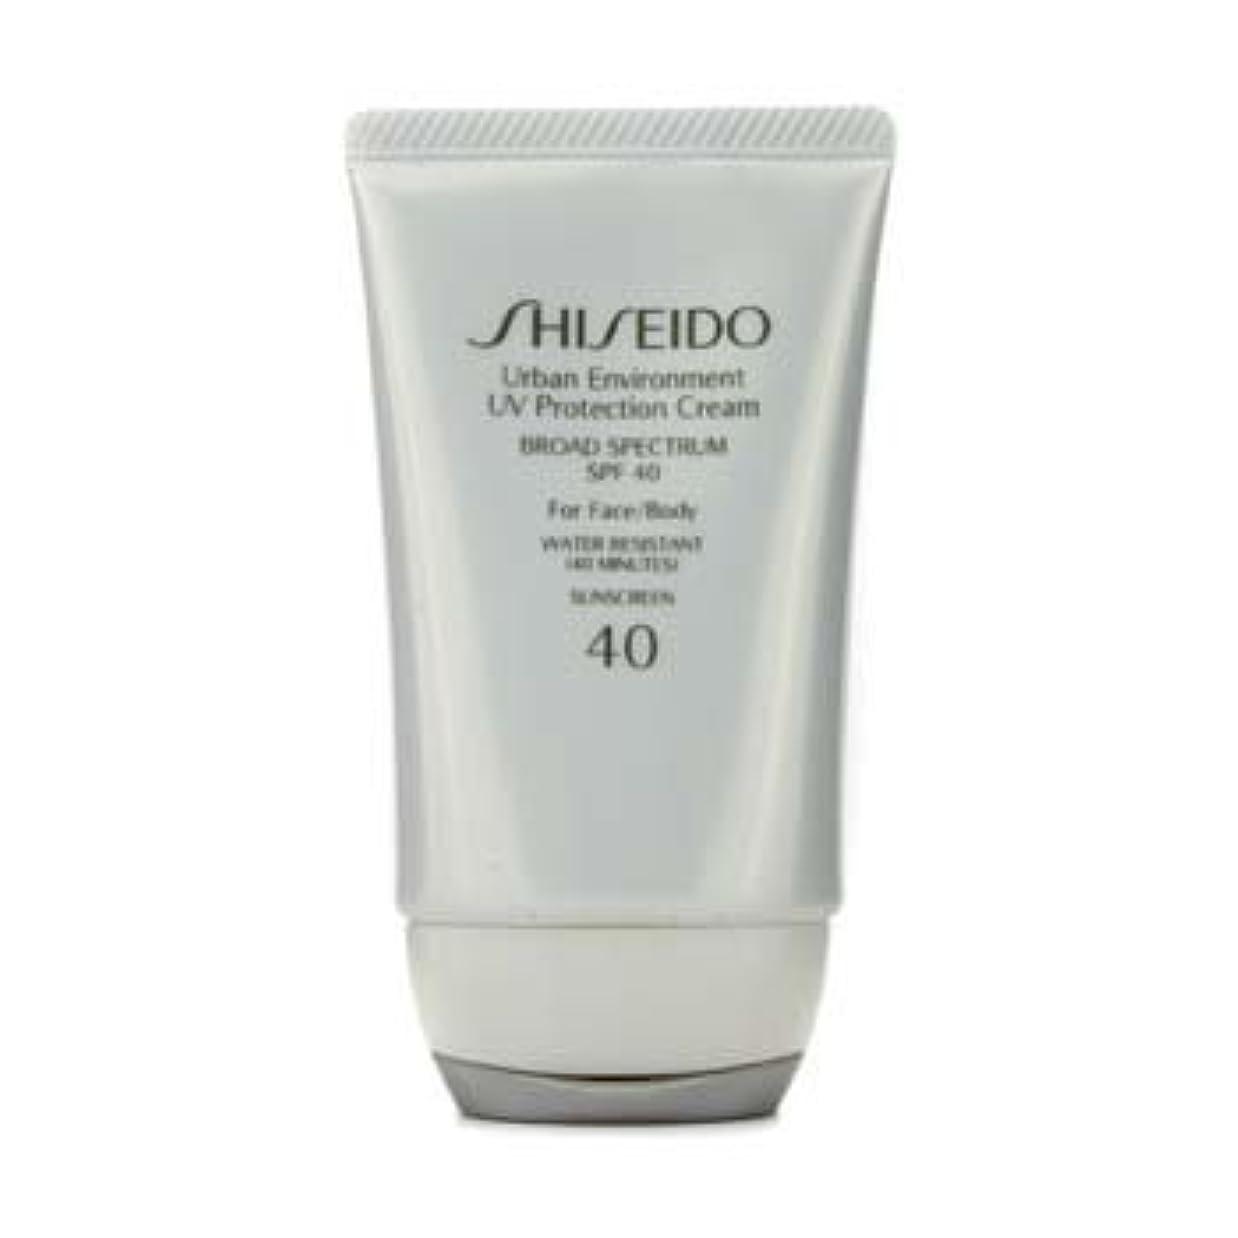 麻痺させるオーナーパワーShiseido Urban Environment UV Protection Cream SPF 40 (For Face & Body) - 50ml/1.9oz by Shiseido [並行輸入品]